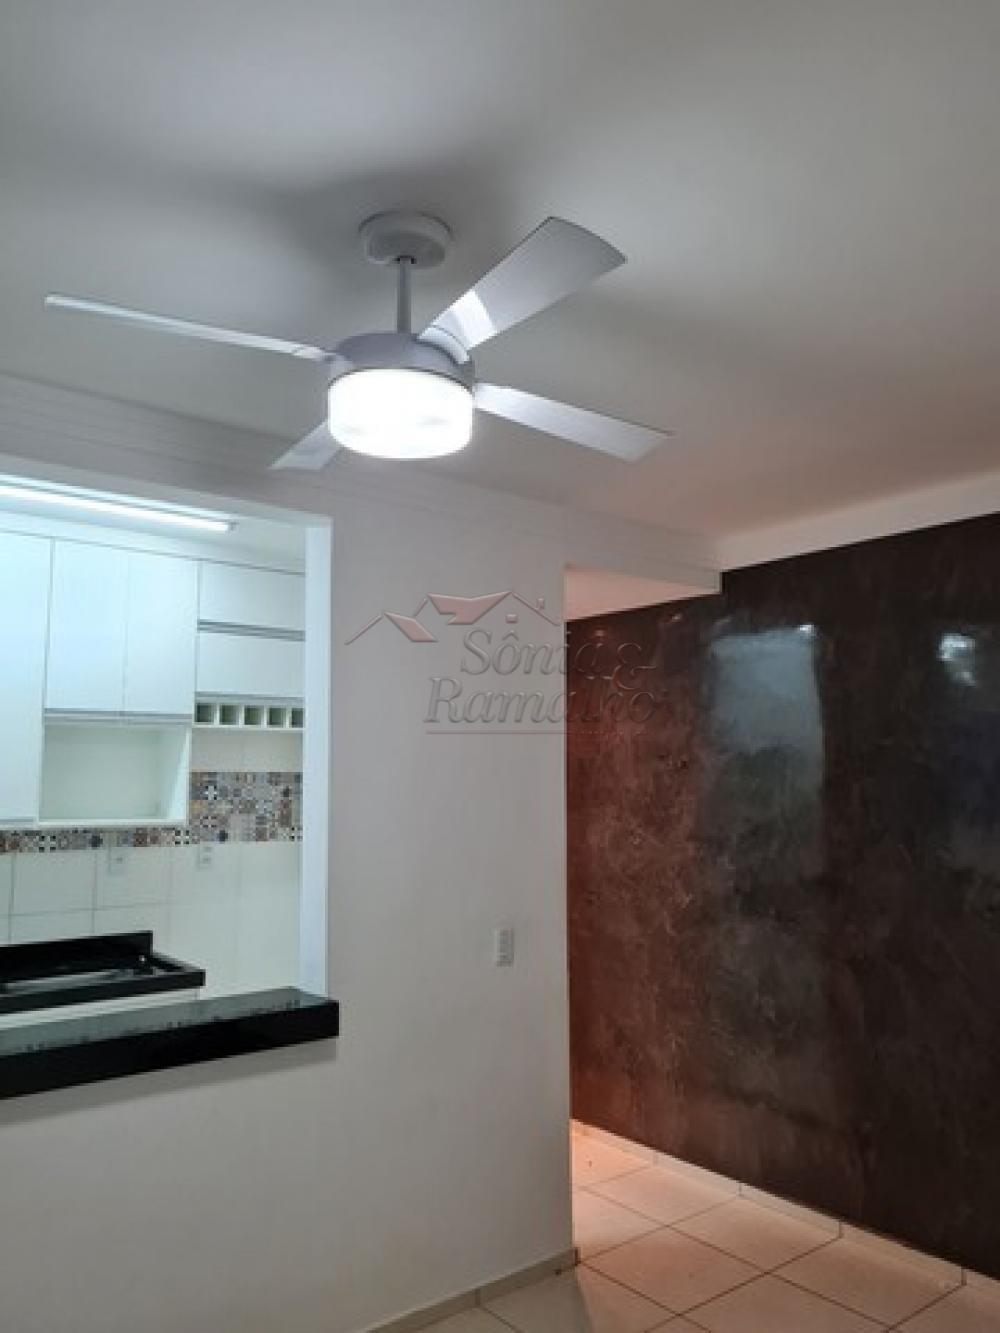 Alugar Apartamentos / Padrão em Ribeirão Preto R$ 1.000,00 - Foto 8